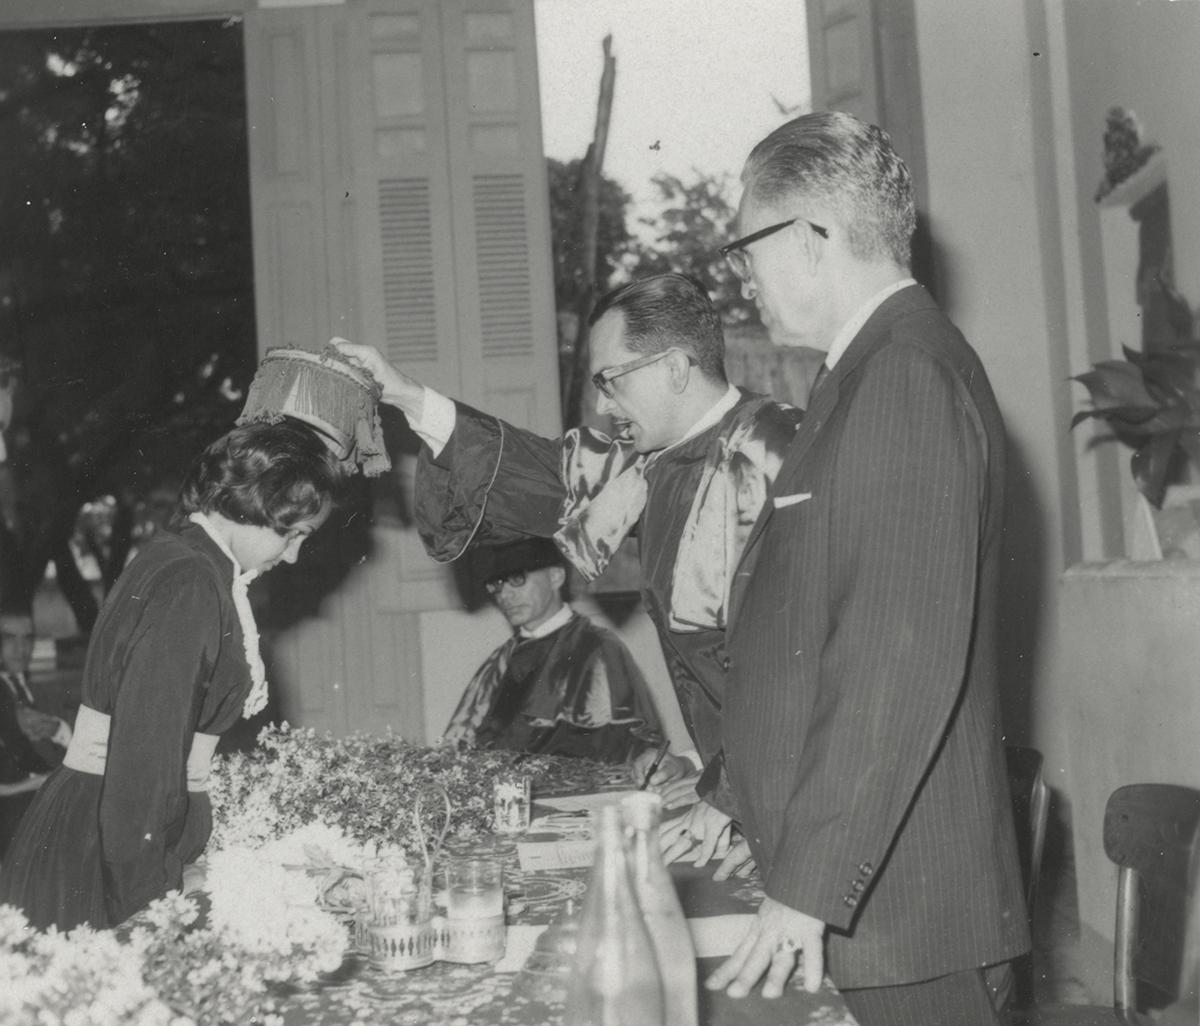 Faculdade de Filosofia Católica (Colação de Grau - 19/12/1963)